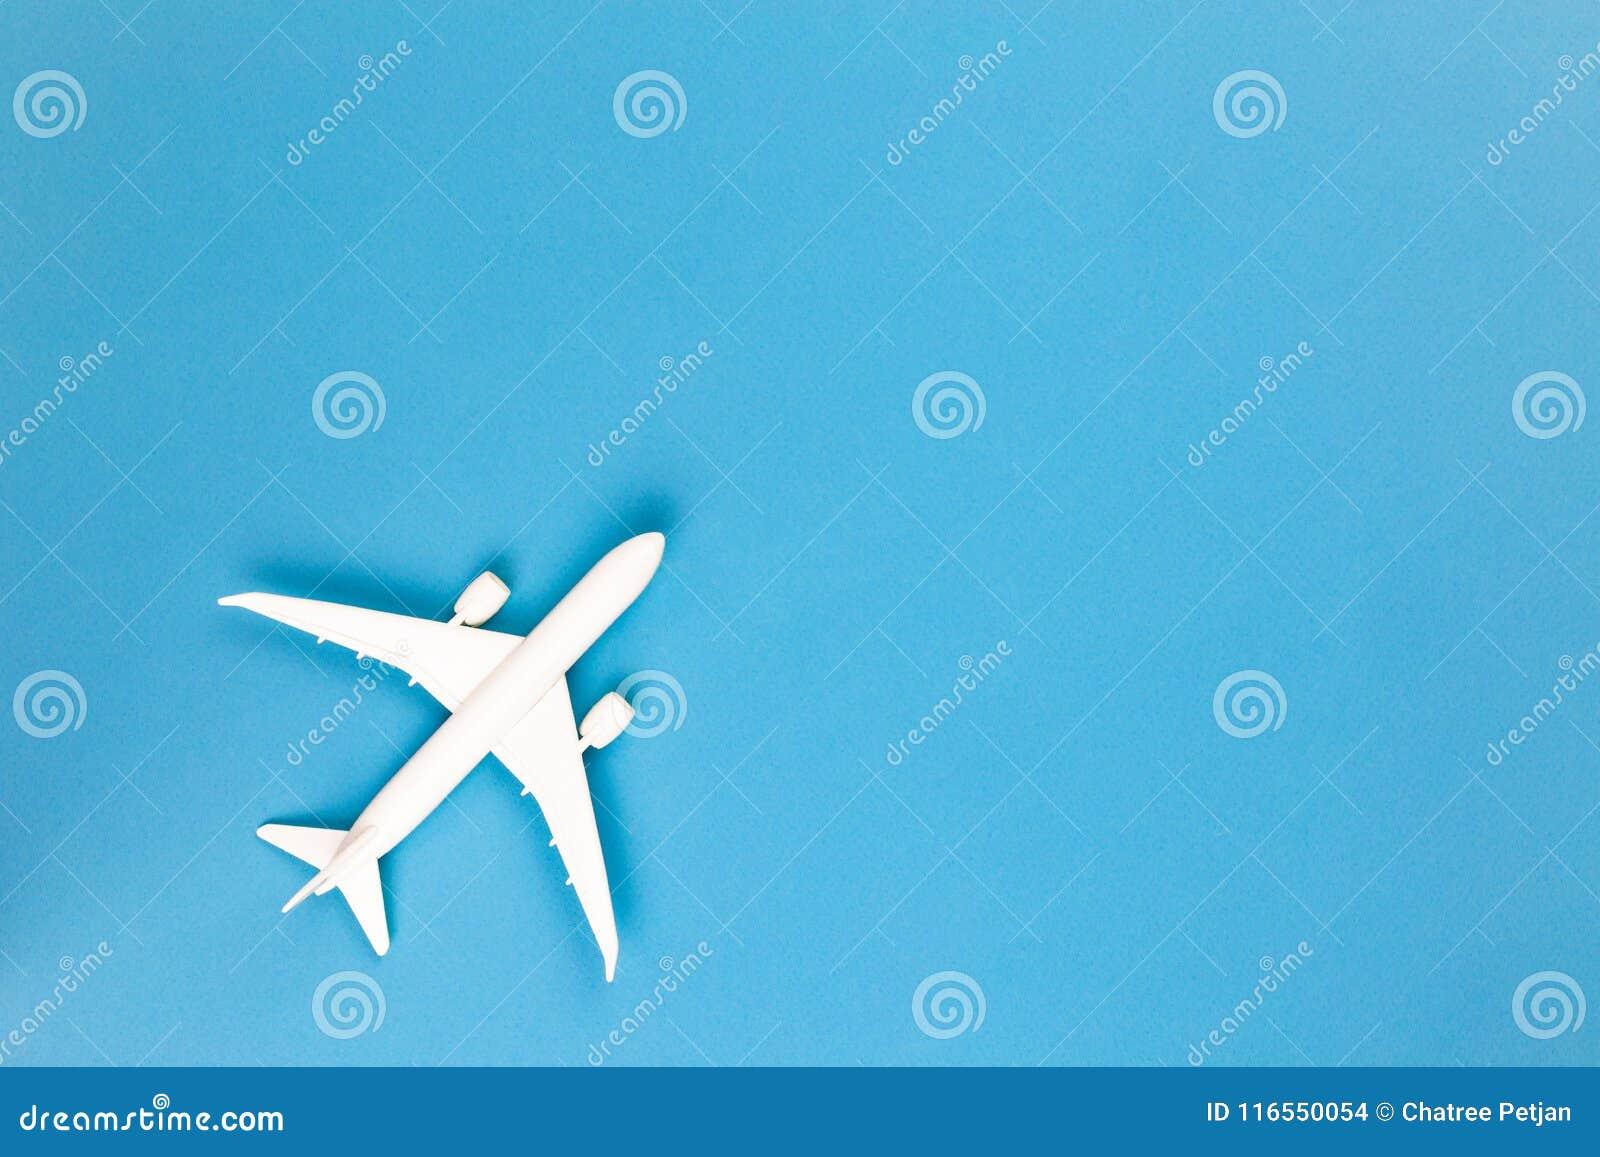 Avión Modelo, Aeroplano En Fondo Azul De Color En Colores Pastel Con ...